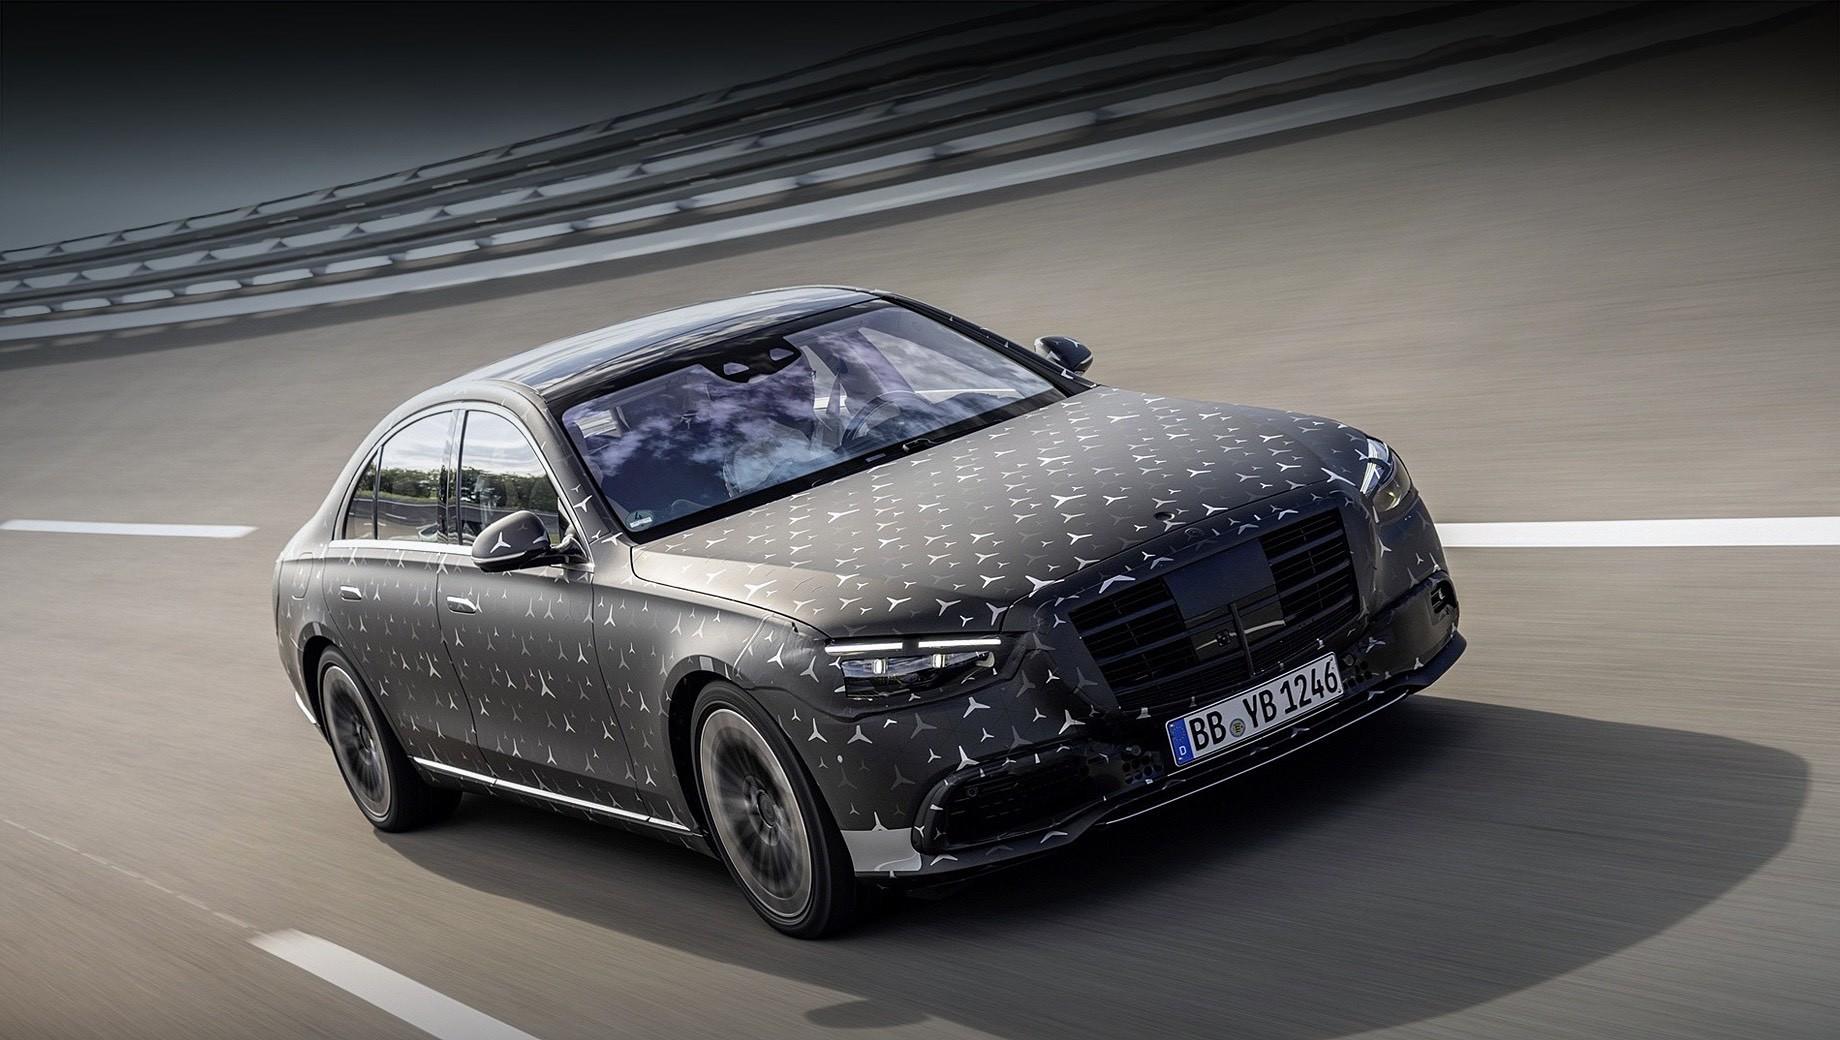 Mercedes s. Mercedes S-класса нового поколения можно будет оснастить активной системой мониторинга слепых зон, которая предупреждает водителя и пассажиров об опасности при выходе из машины. Также флагманский седан сможет полностью самостоятельно парковаться на размеченные линиями места.